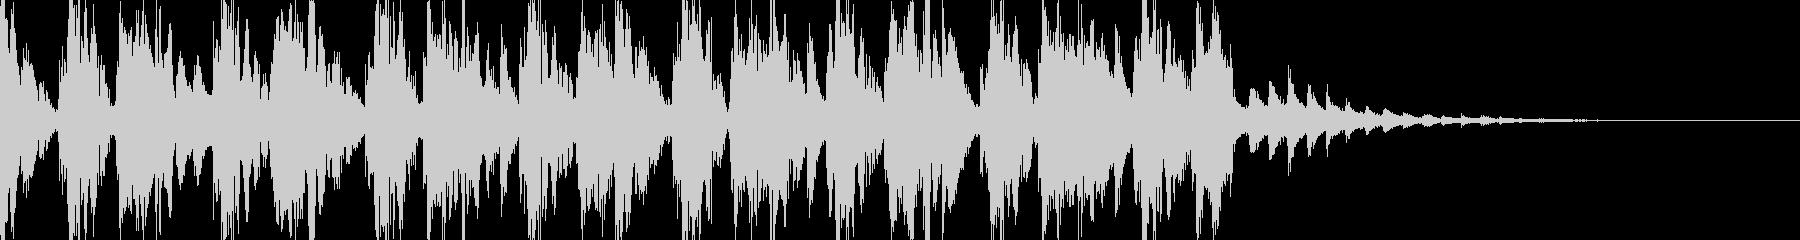 軽快なアテンション音の未再生の波形